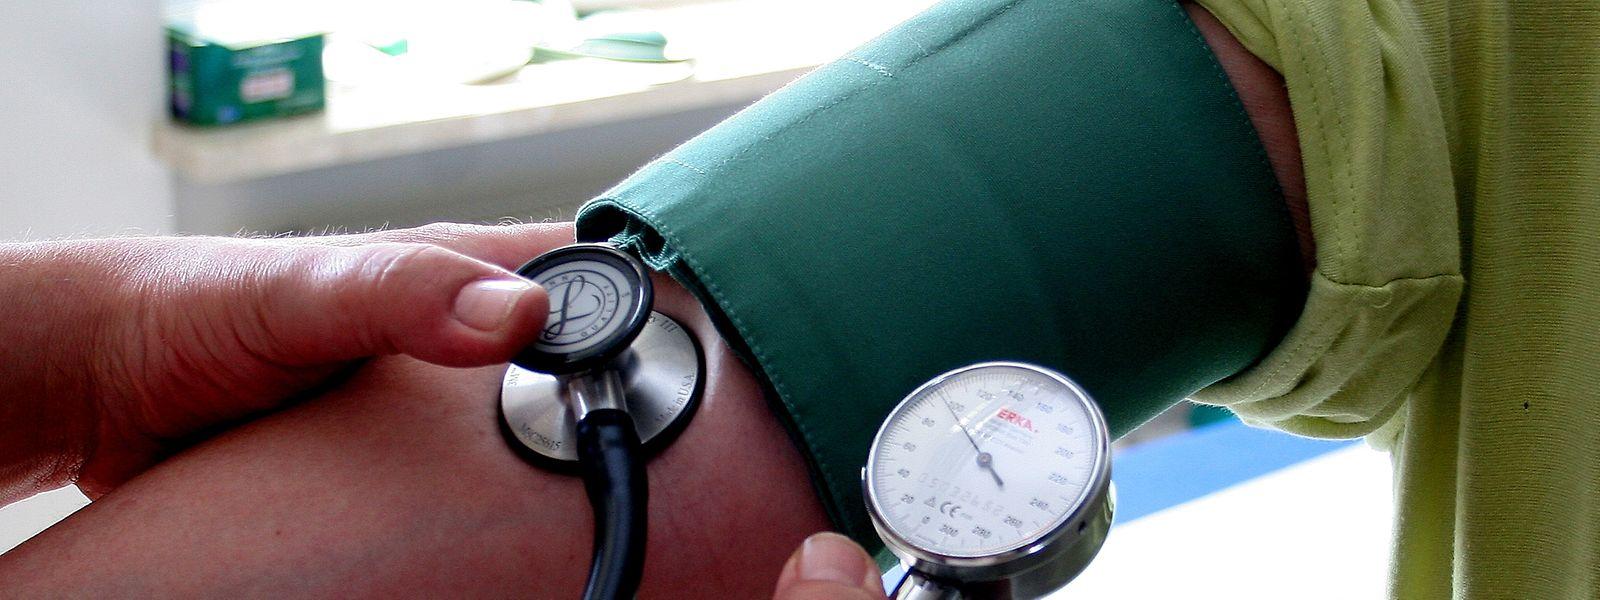 Der Blutdruck sollte regelmäßig kontrolliert werden.